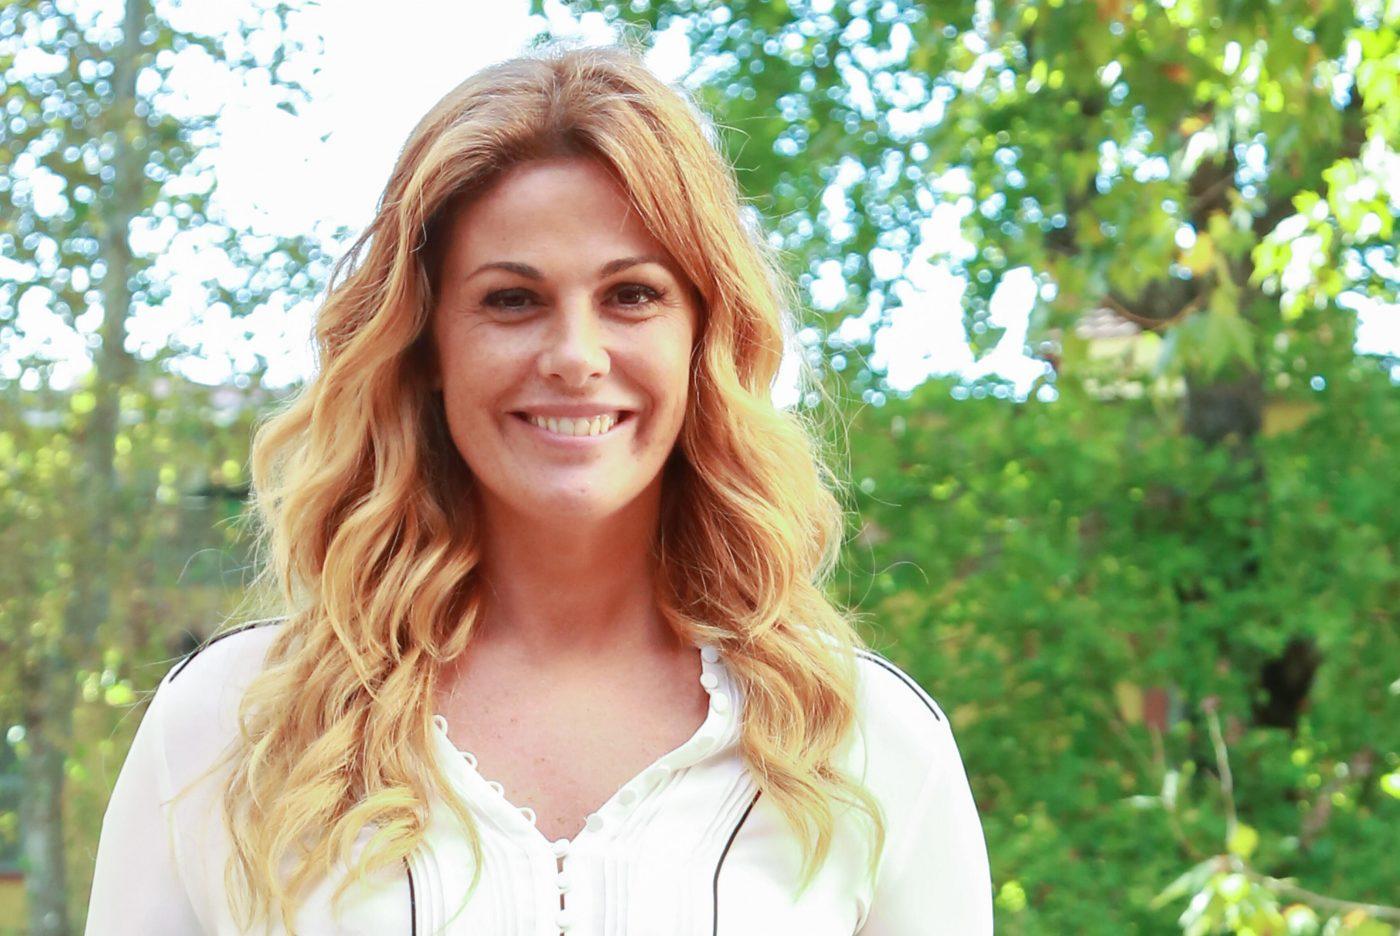 Vanessa Incontrada, la foto al naturale fa esplodere i social: Gigi D'Alessio e i vip commentano